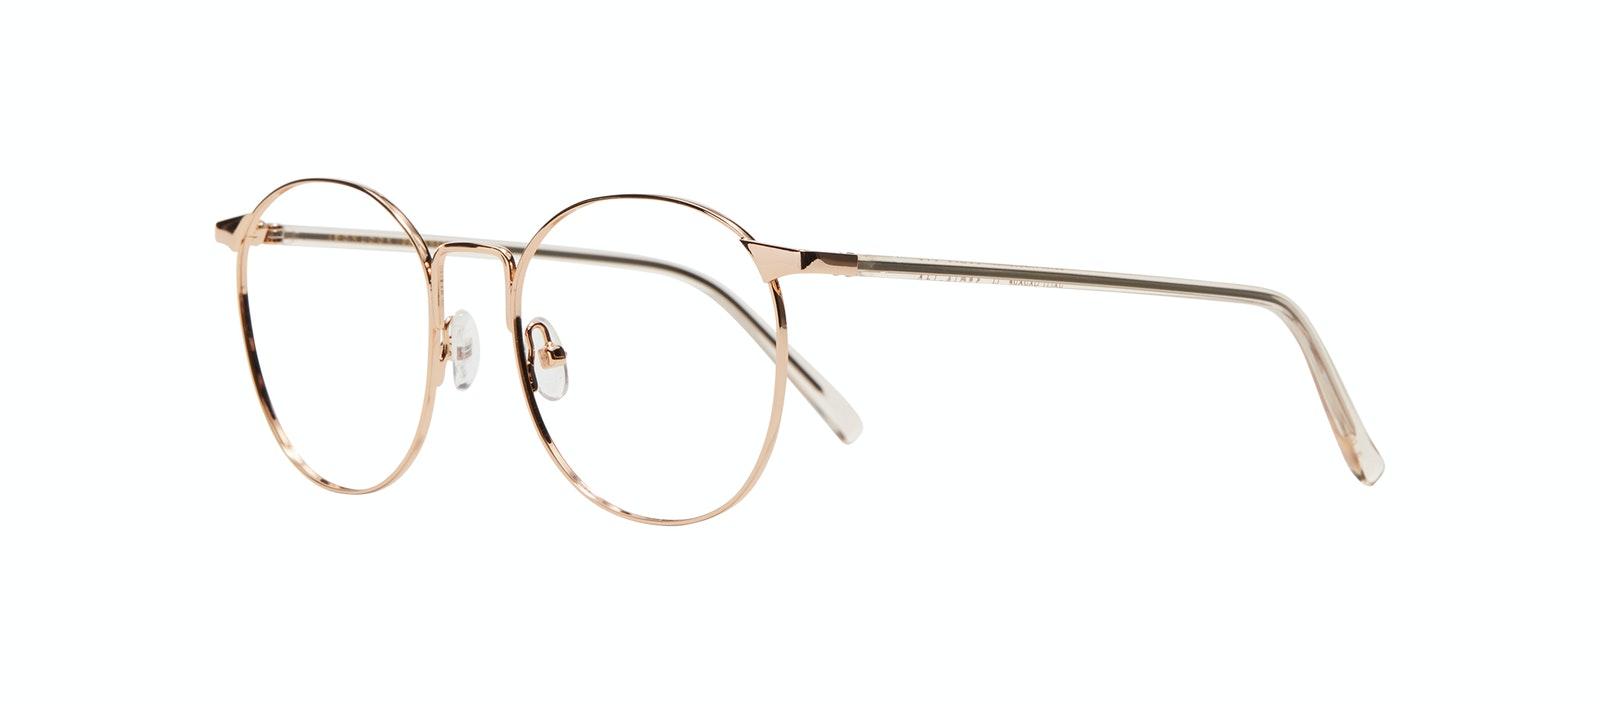 Affordable Fashion Glasses Round Eyeglasses Women Romy Petite Aurore Tilt